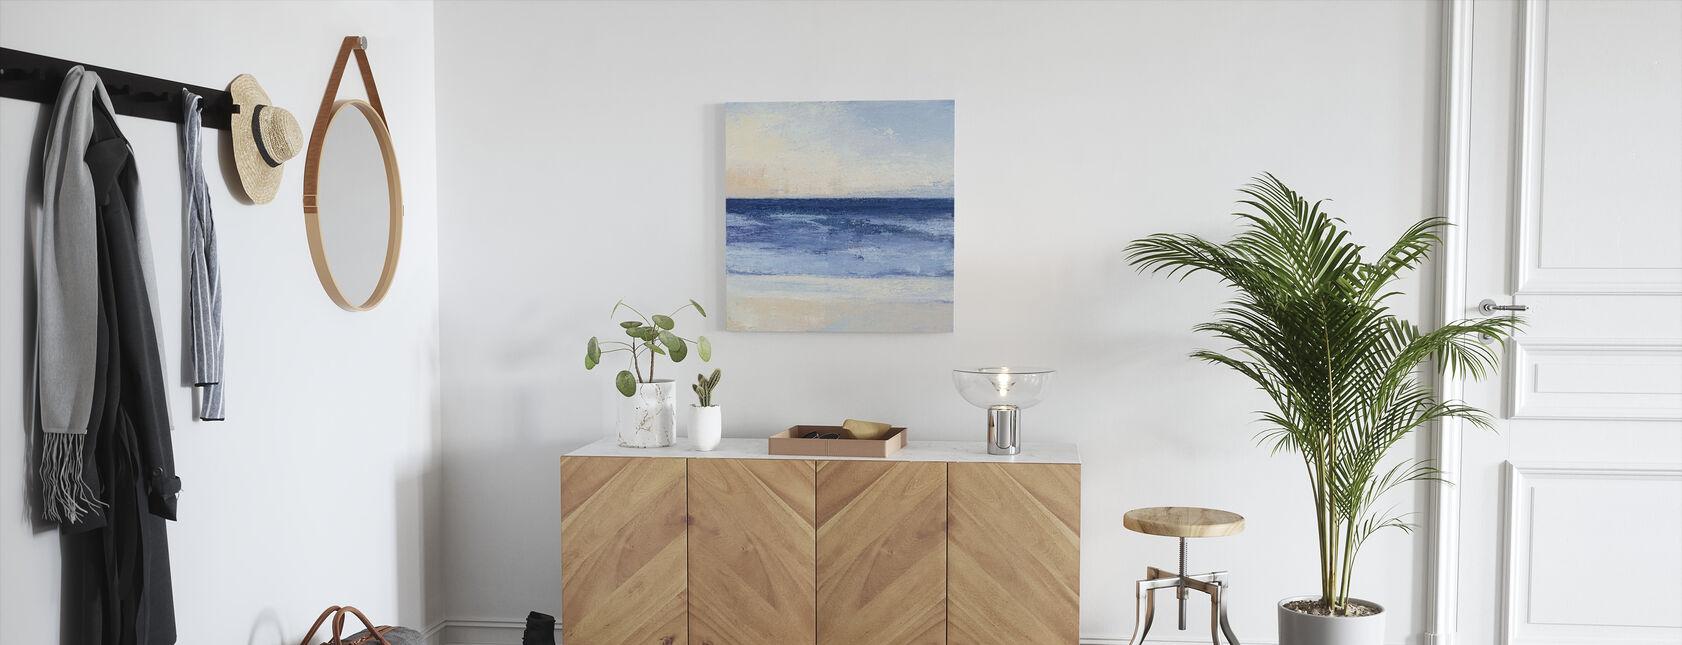 Océan bleu véritable - Impression sur toile - Entrée